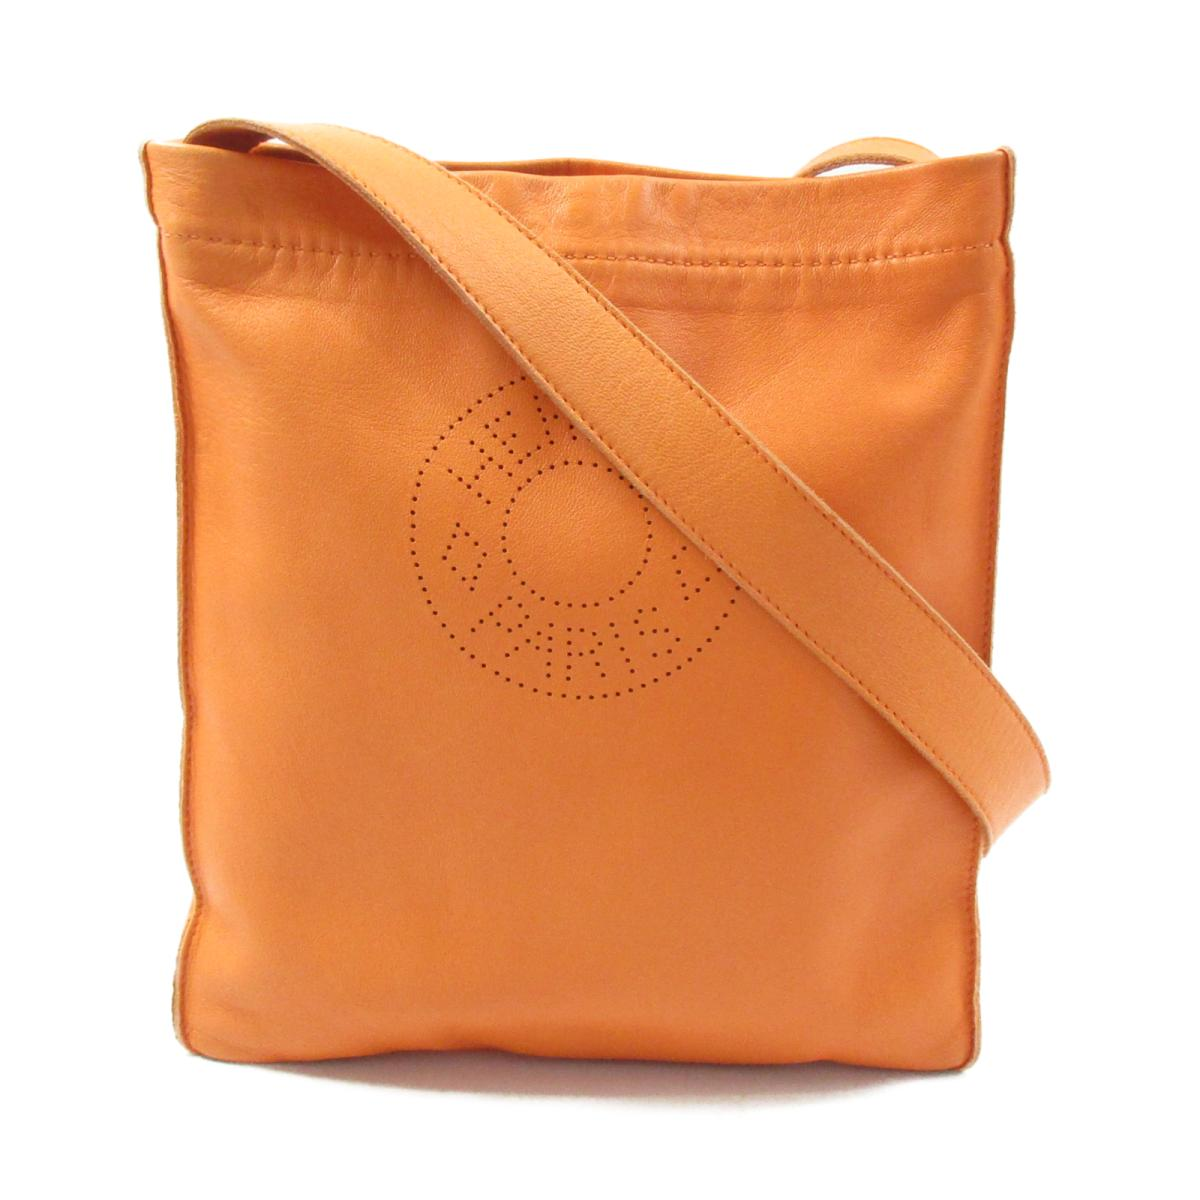 【中古】 エルメス クルードセル ショルダーバッグ レディース レザー オレンジ系   HERMES BRANDOFF ブランドオフ ブランド ブランドバッグ ブランドバック かばん バッグ バックバック 肩かけ